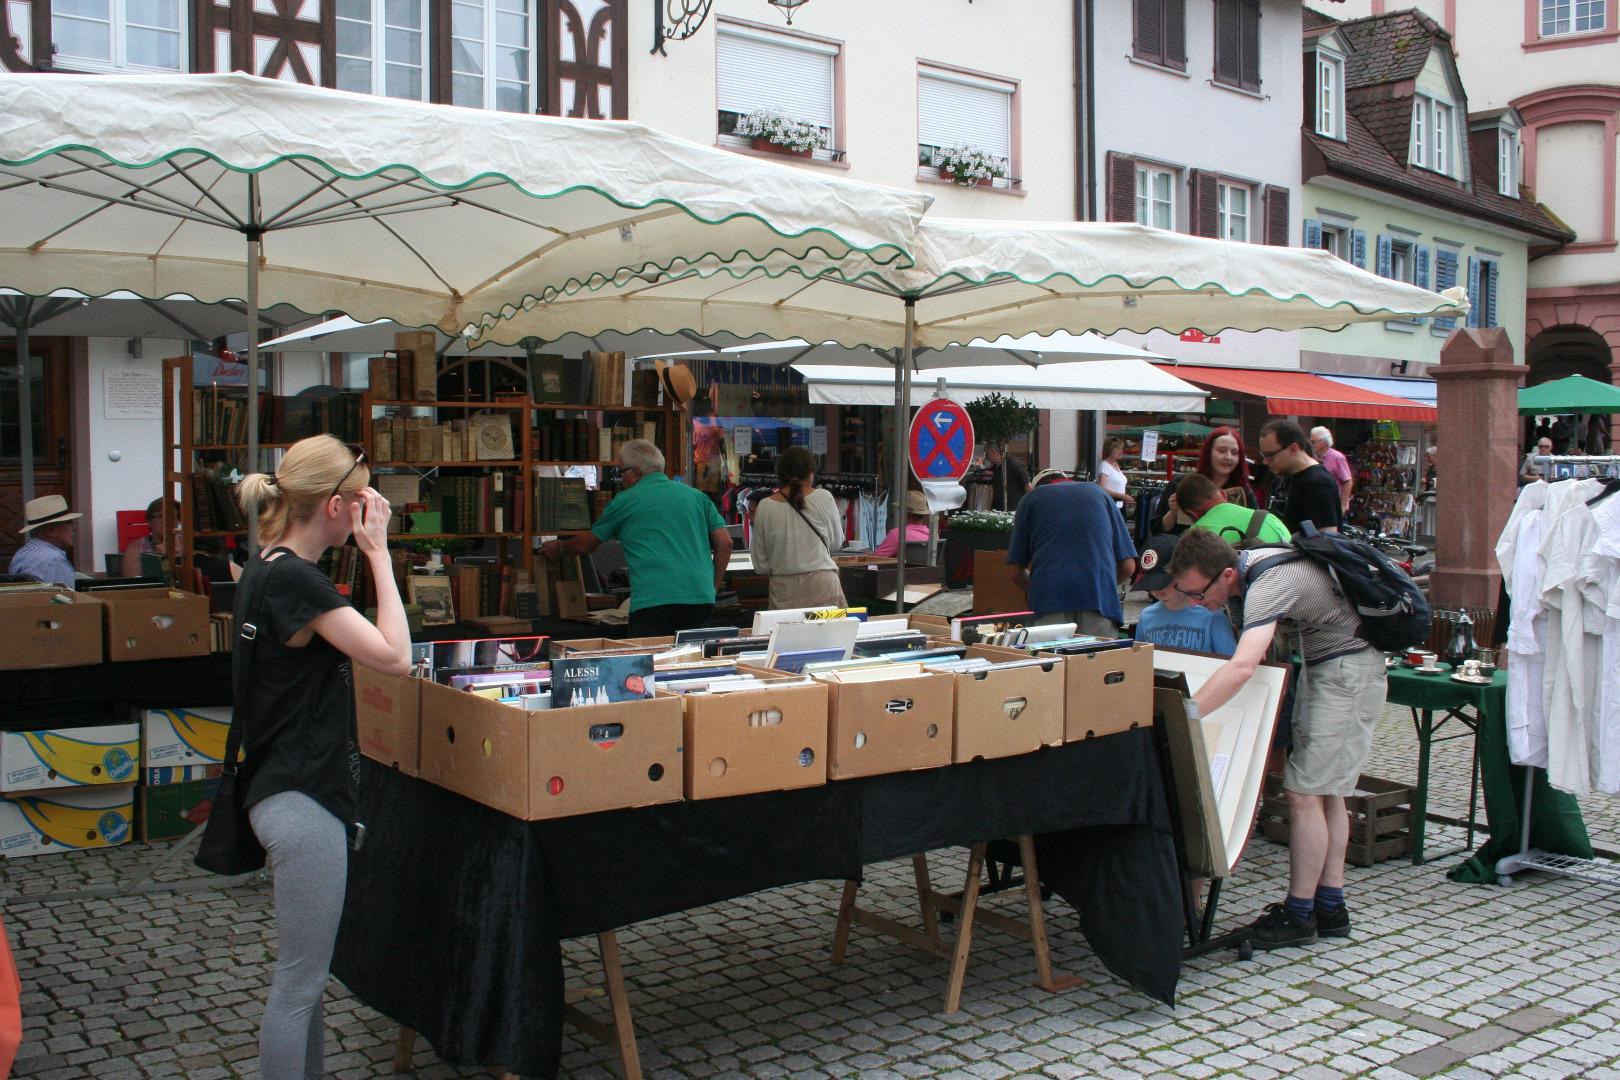 verkaufsoffener sonntag und antikmarkt in gengenbach edler tr del rund um marktplatz gengenbach. Black Bedroom Furniture Sets. Home Design Ideas